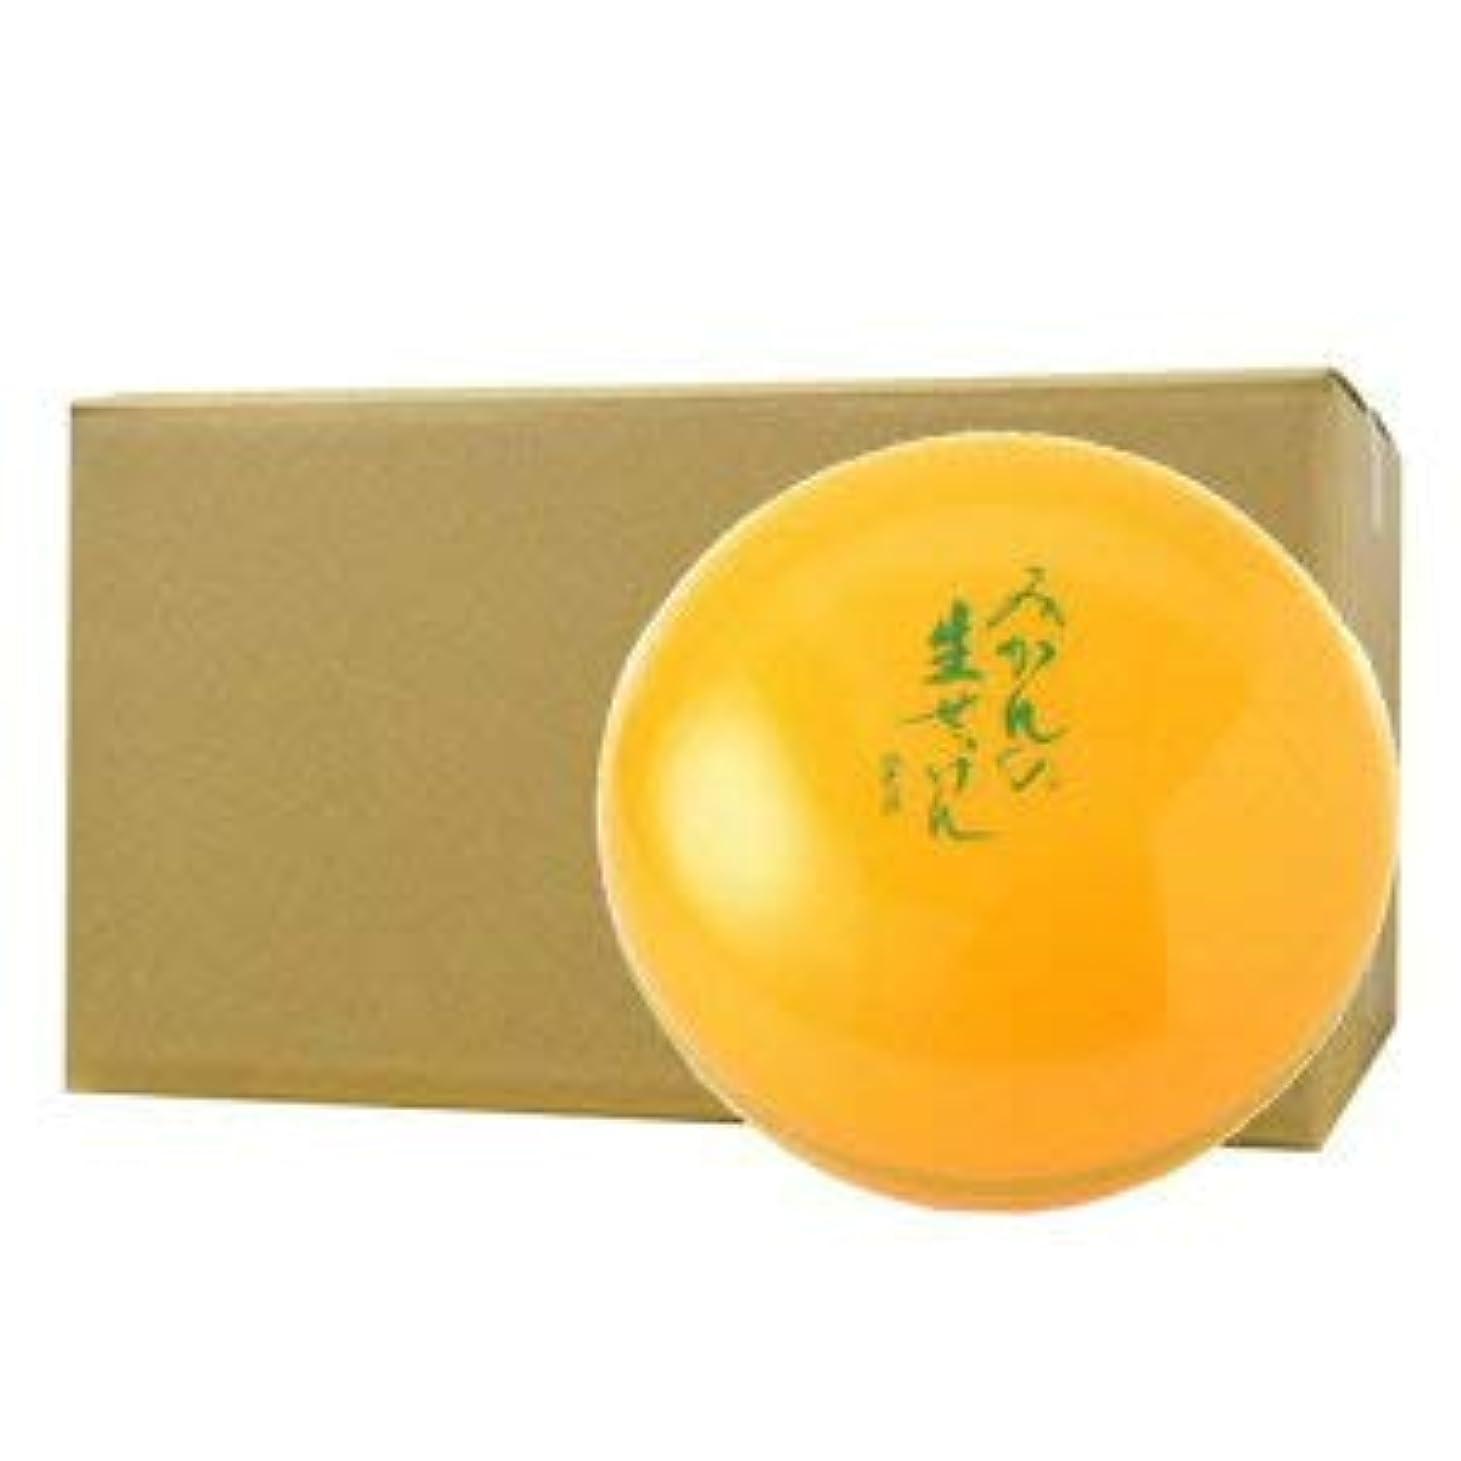 勉強する構成する包括的UYEKI美香柑みかんの生せっけん50g×72個ケース